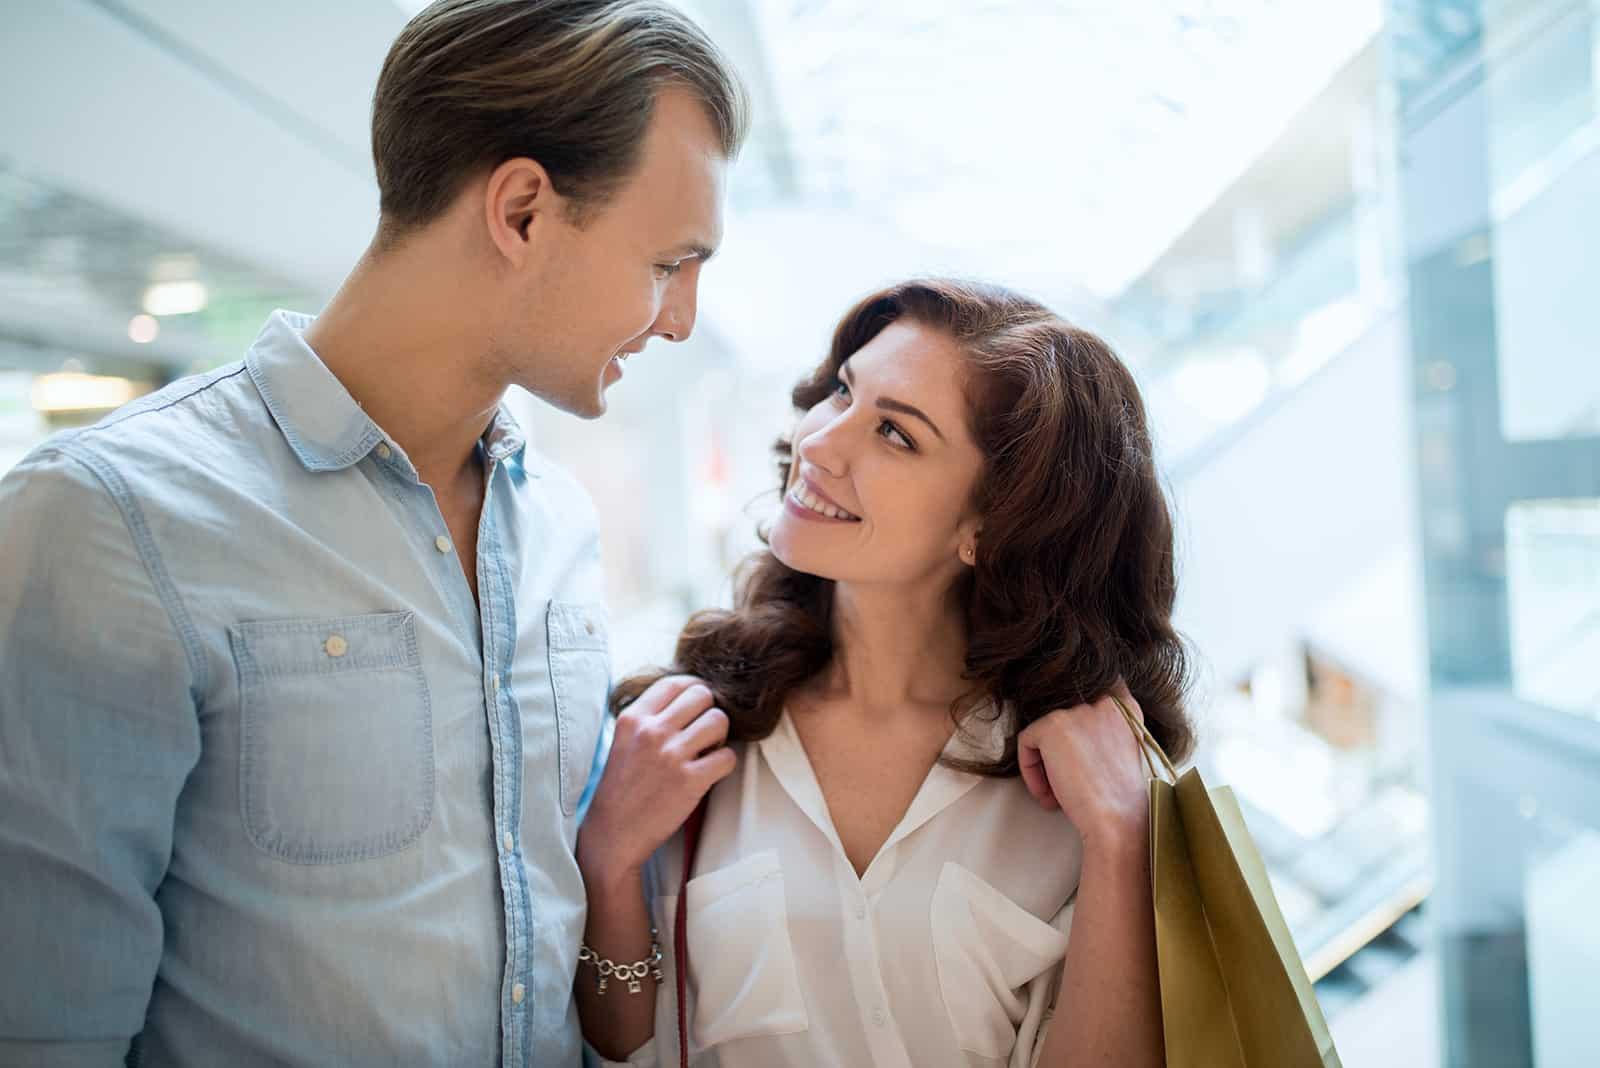 ein Mann, der eine lächelnde Frau beim gemeinsamen Gehen betrachtet